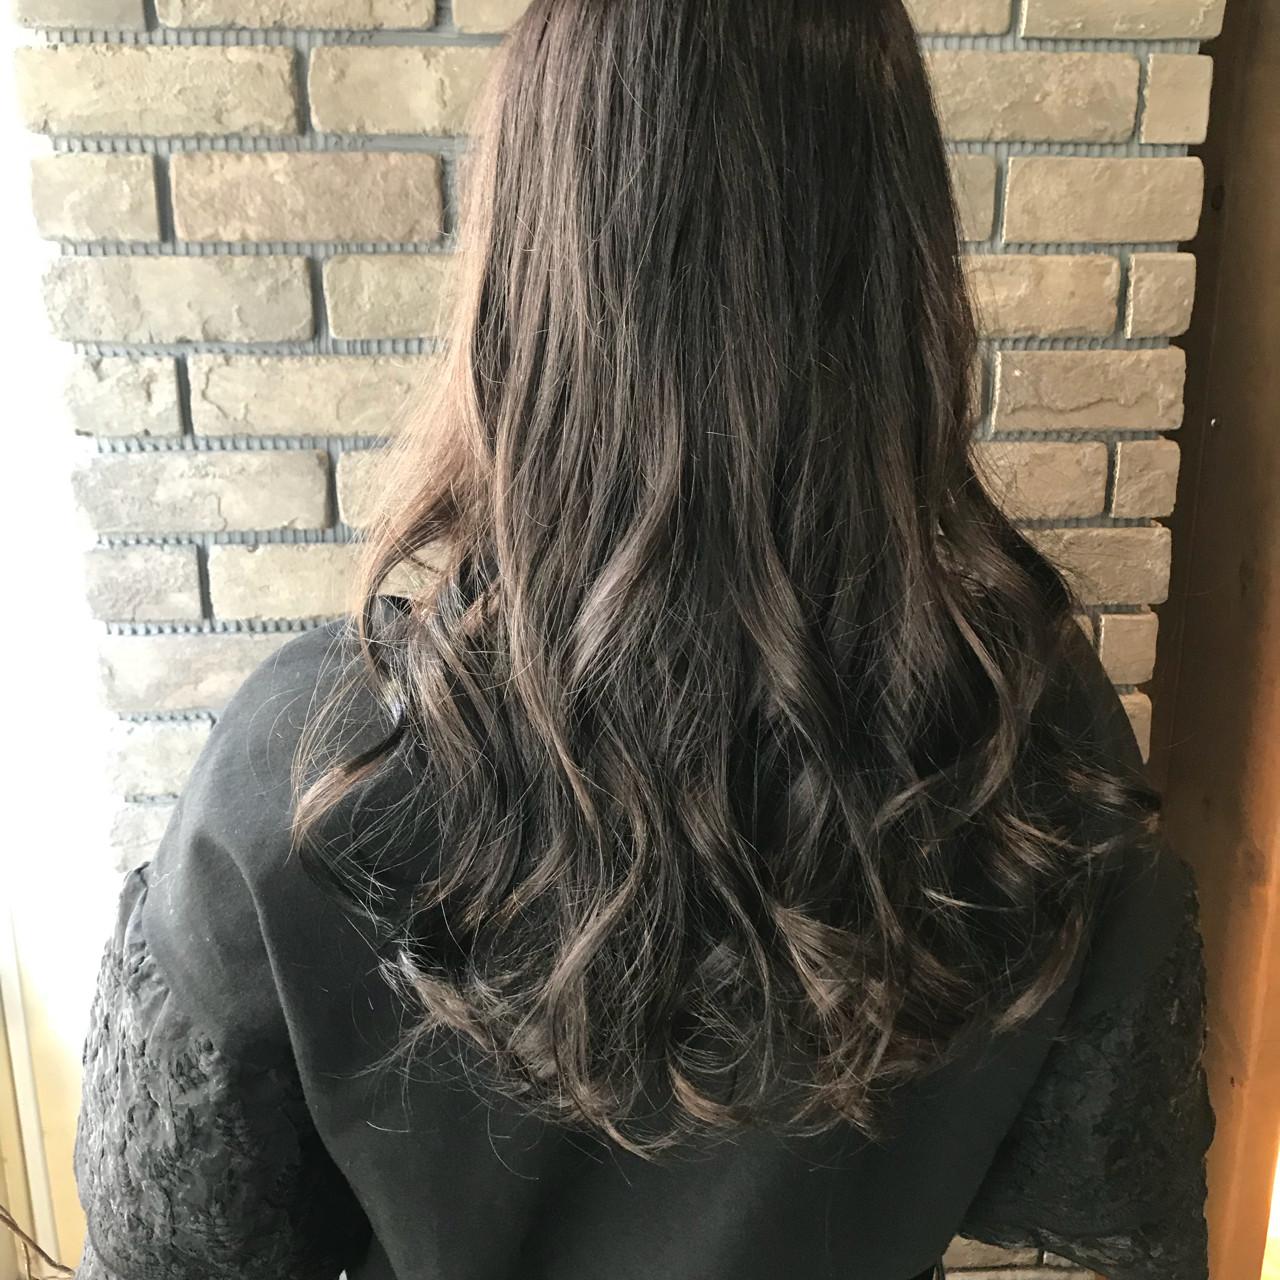 ブルージュ 透明感 ナチュラル アンニュイ ヘアスタイルや髪型の写真・画像 | 谷川 健太 / ROVERSI